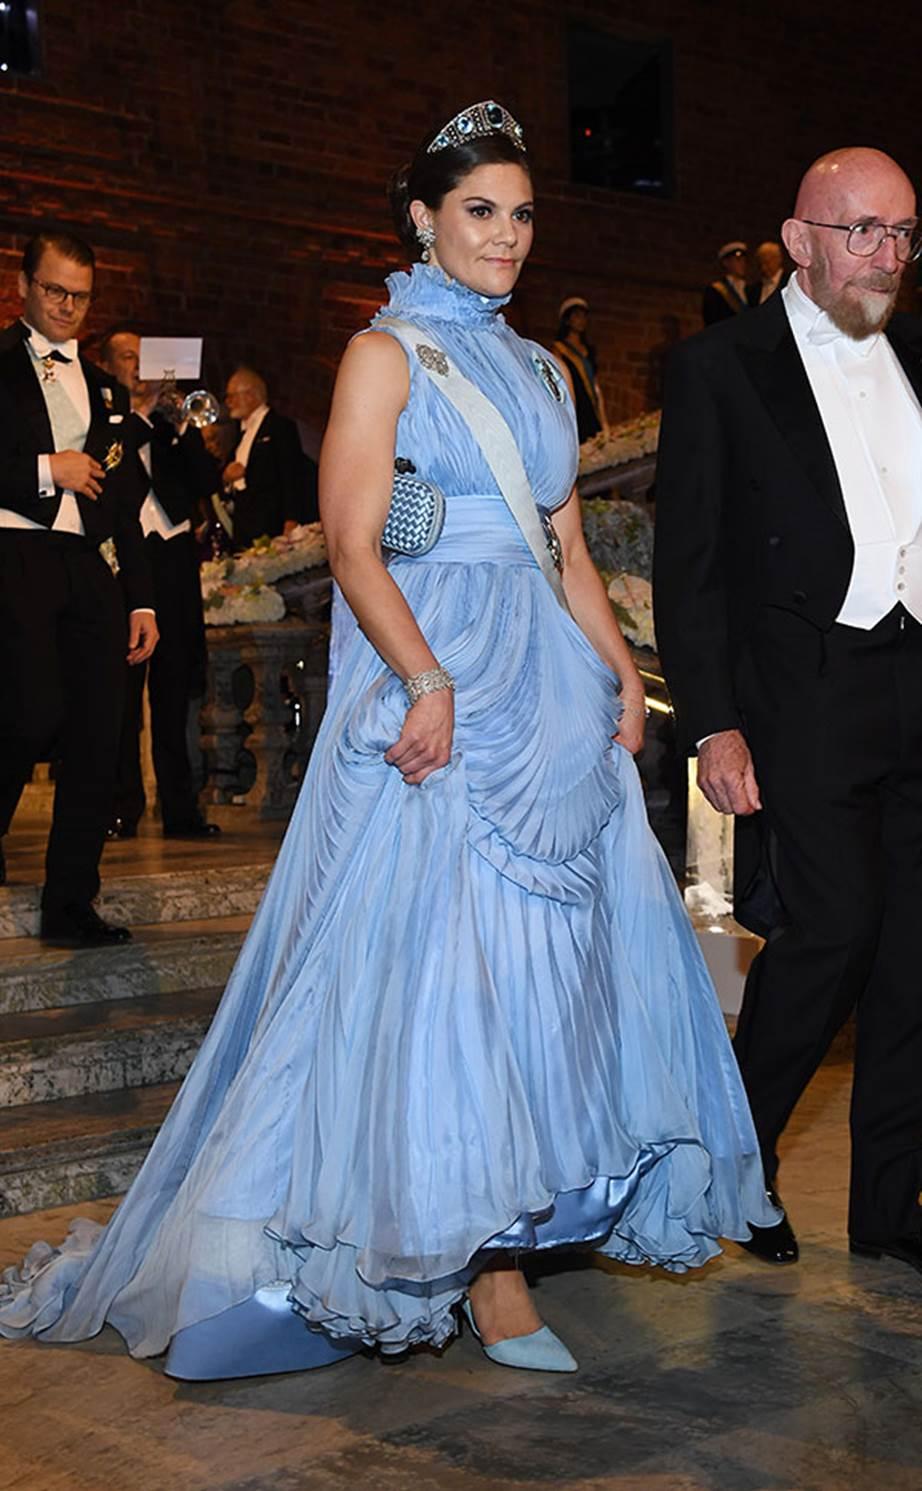 Victoria svéd hercegnő egy Jennifer Blom estélyiben a 2017-es Nobel-díjátadón